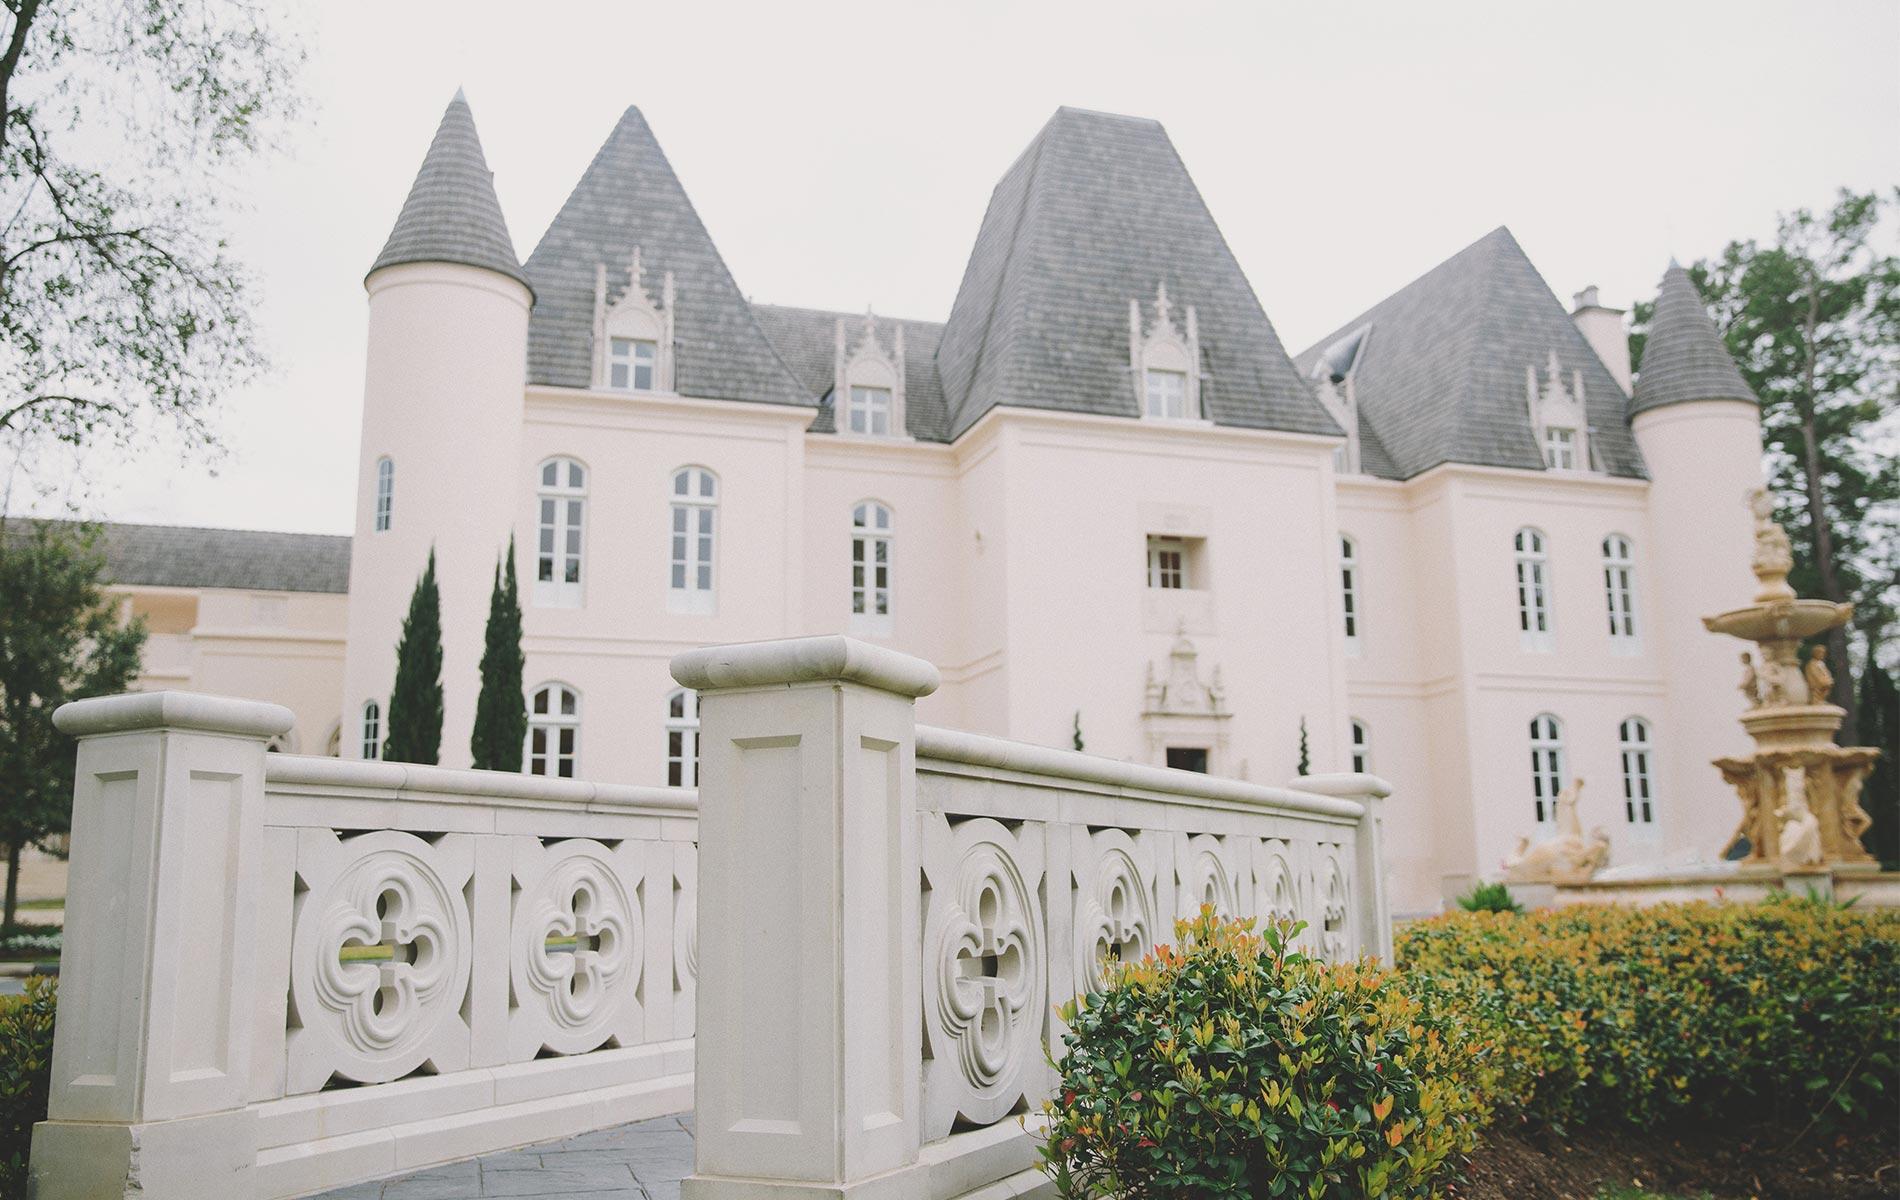 Castle looking wedding venue